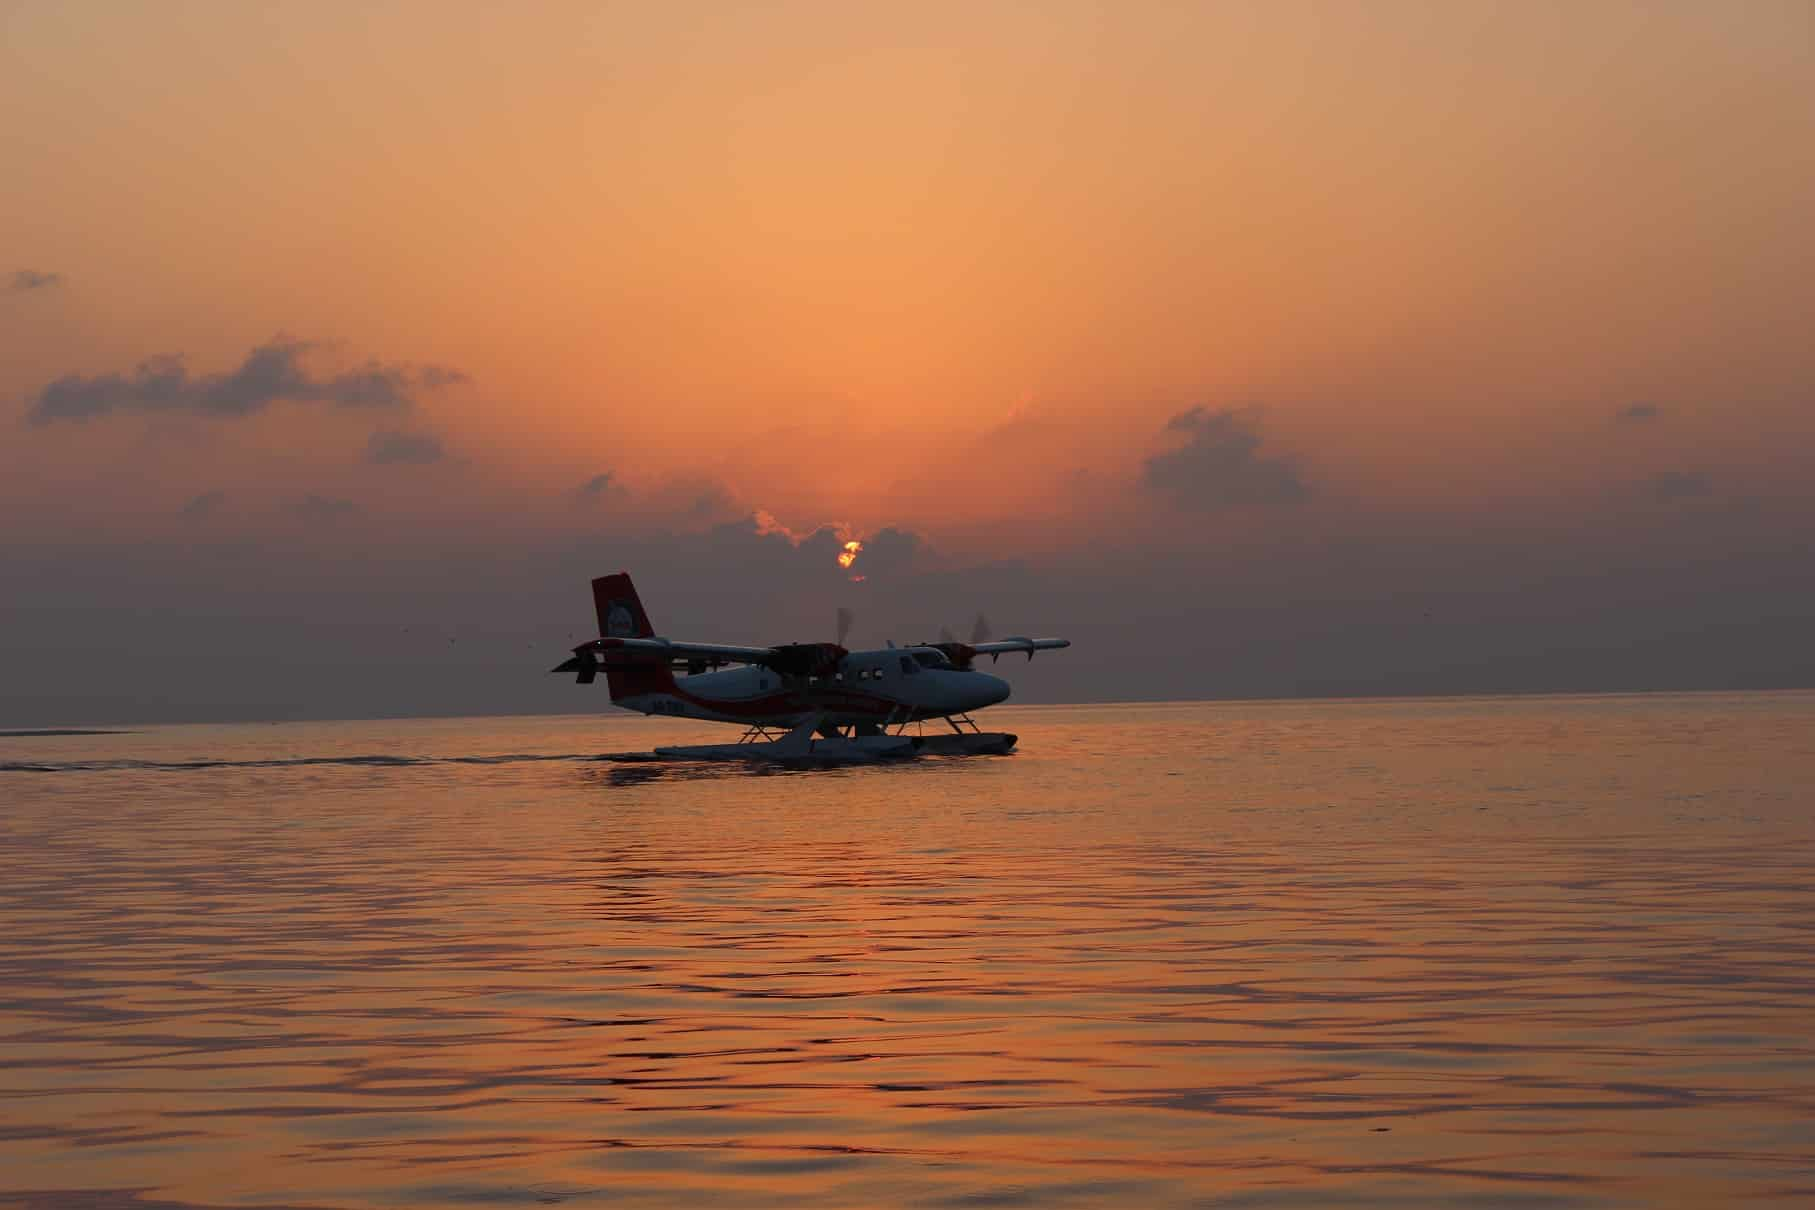 seaplane landing at sunset